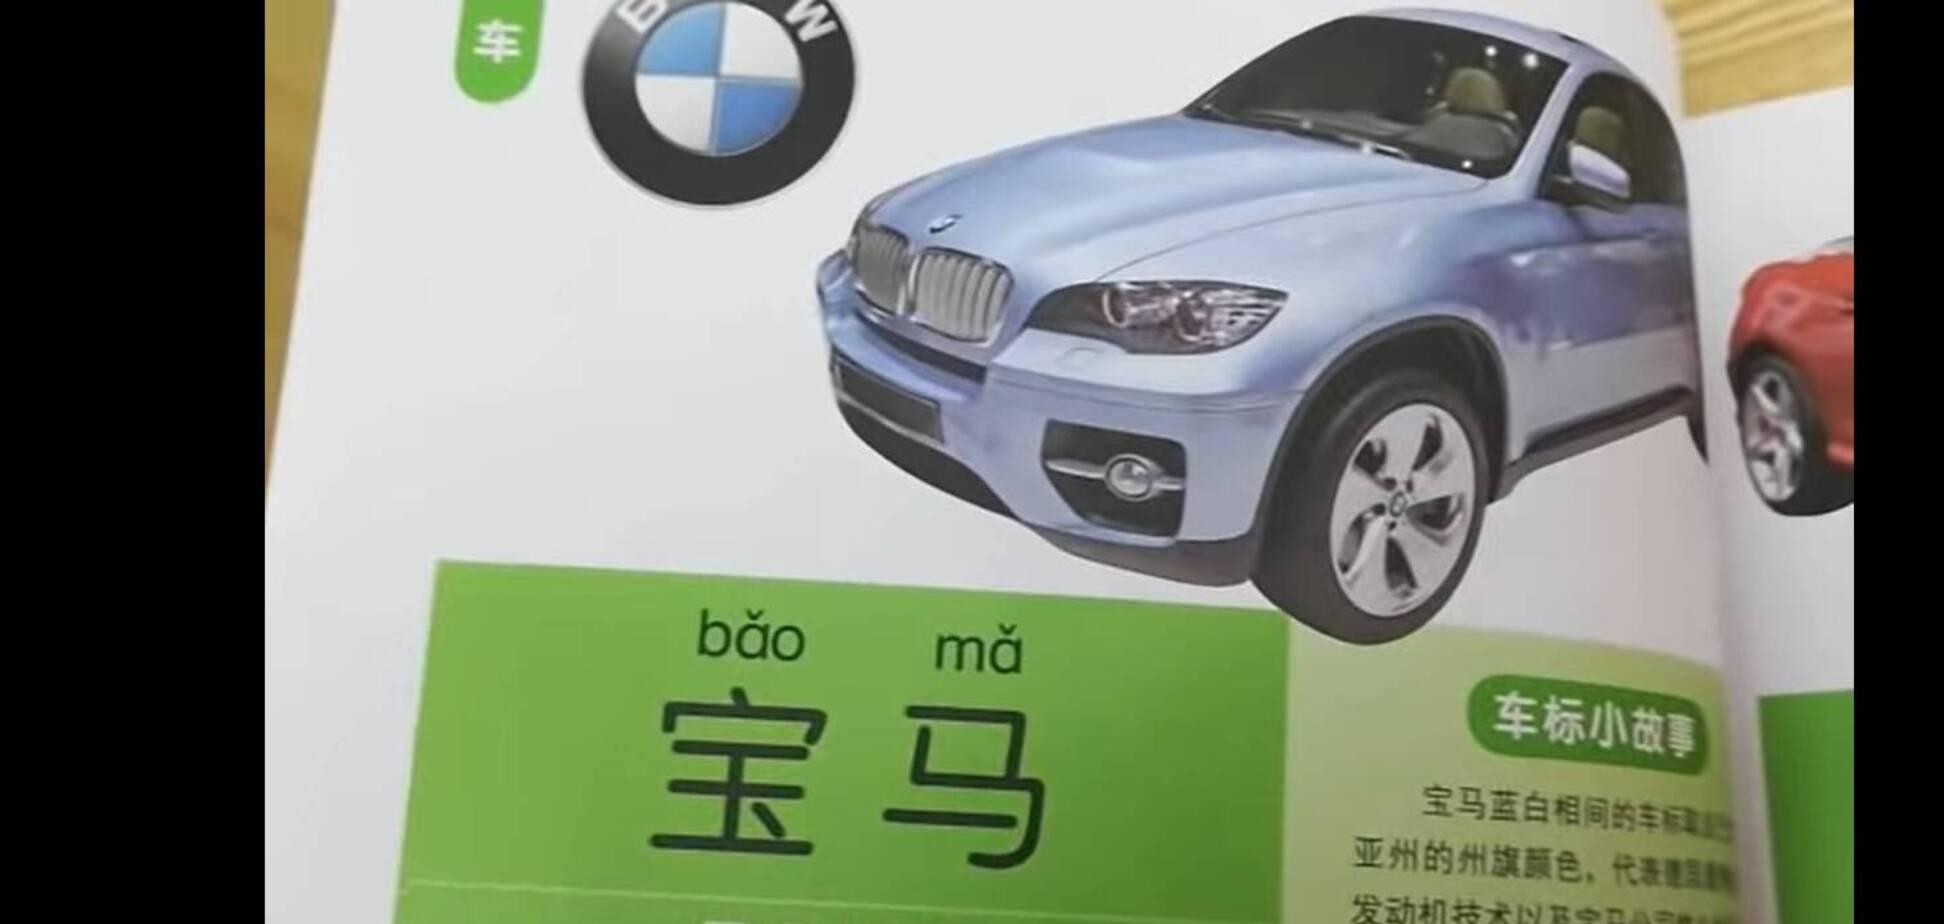 Послухайте, як автомобільні марки звучать китайською мовою